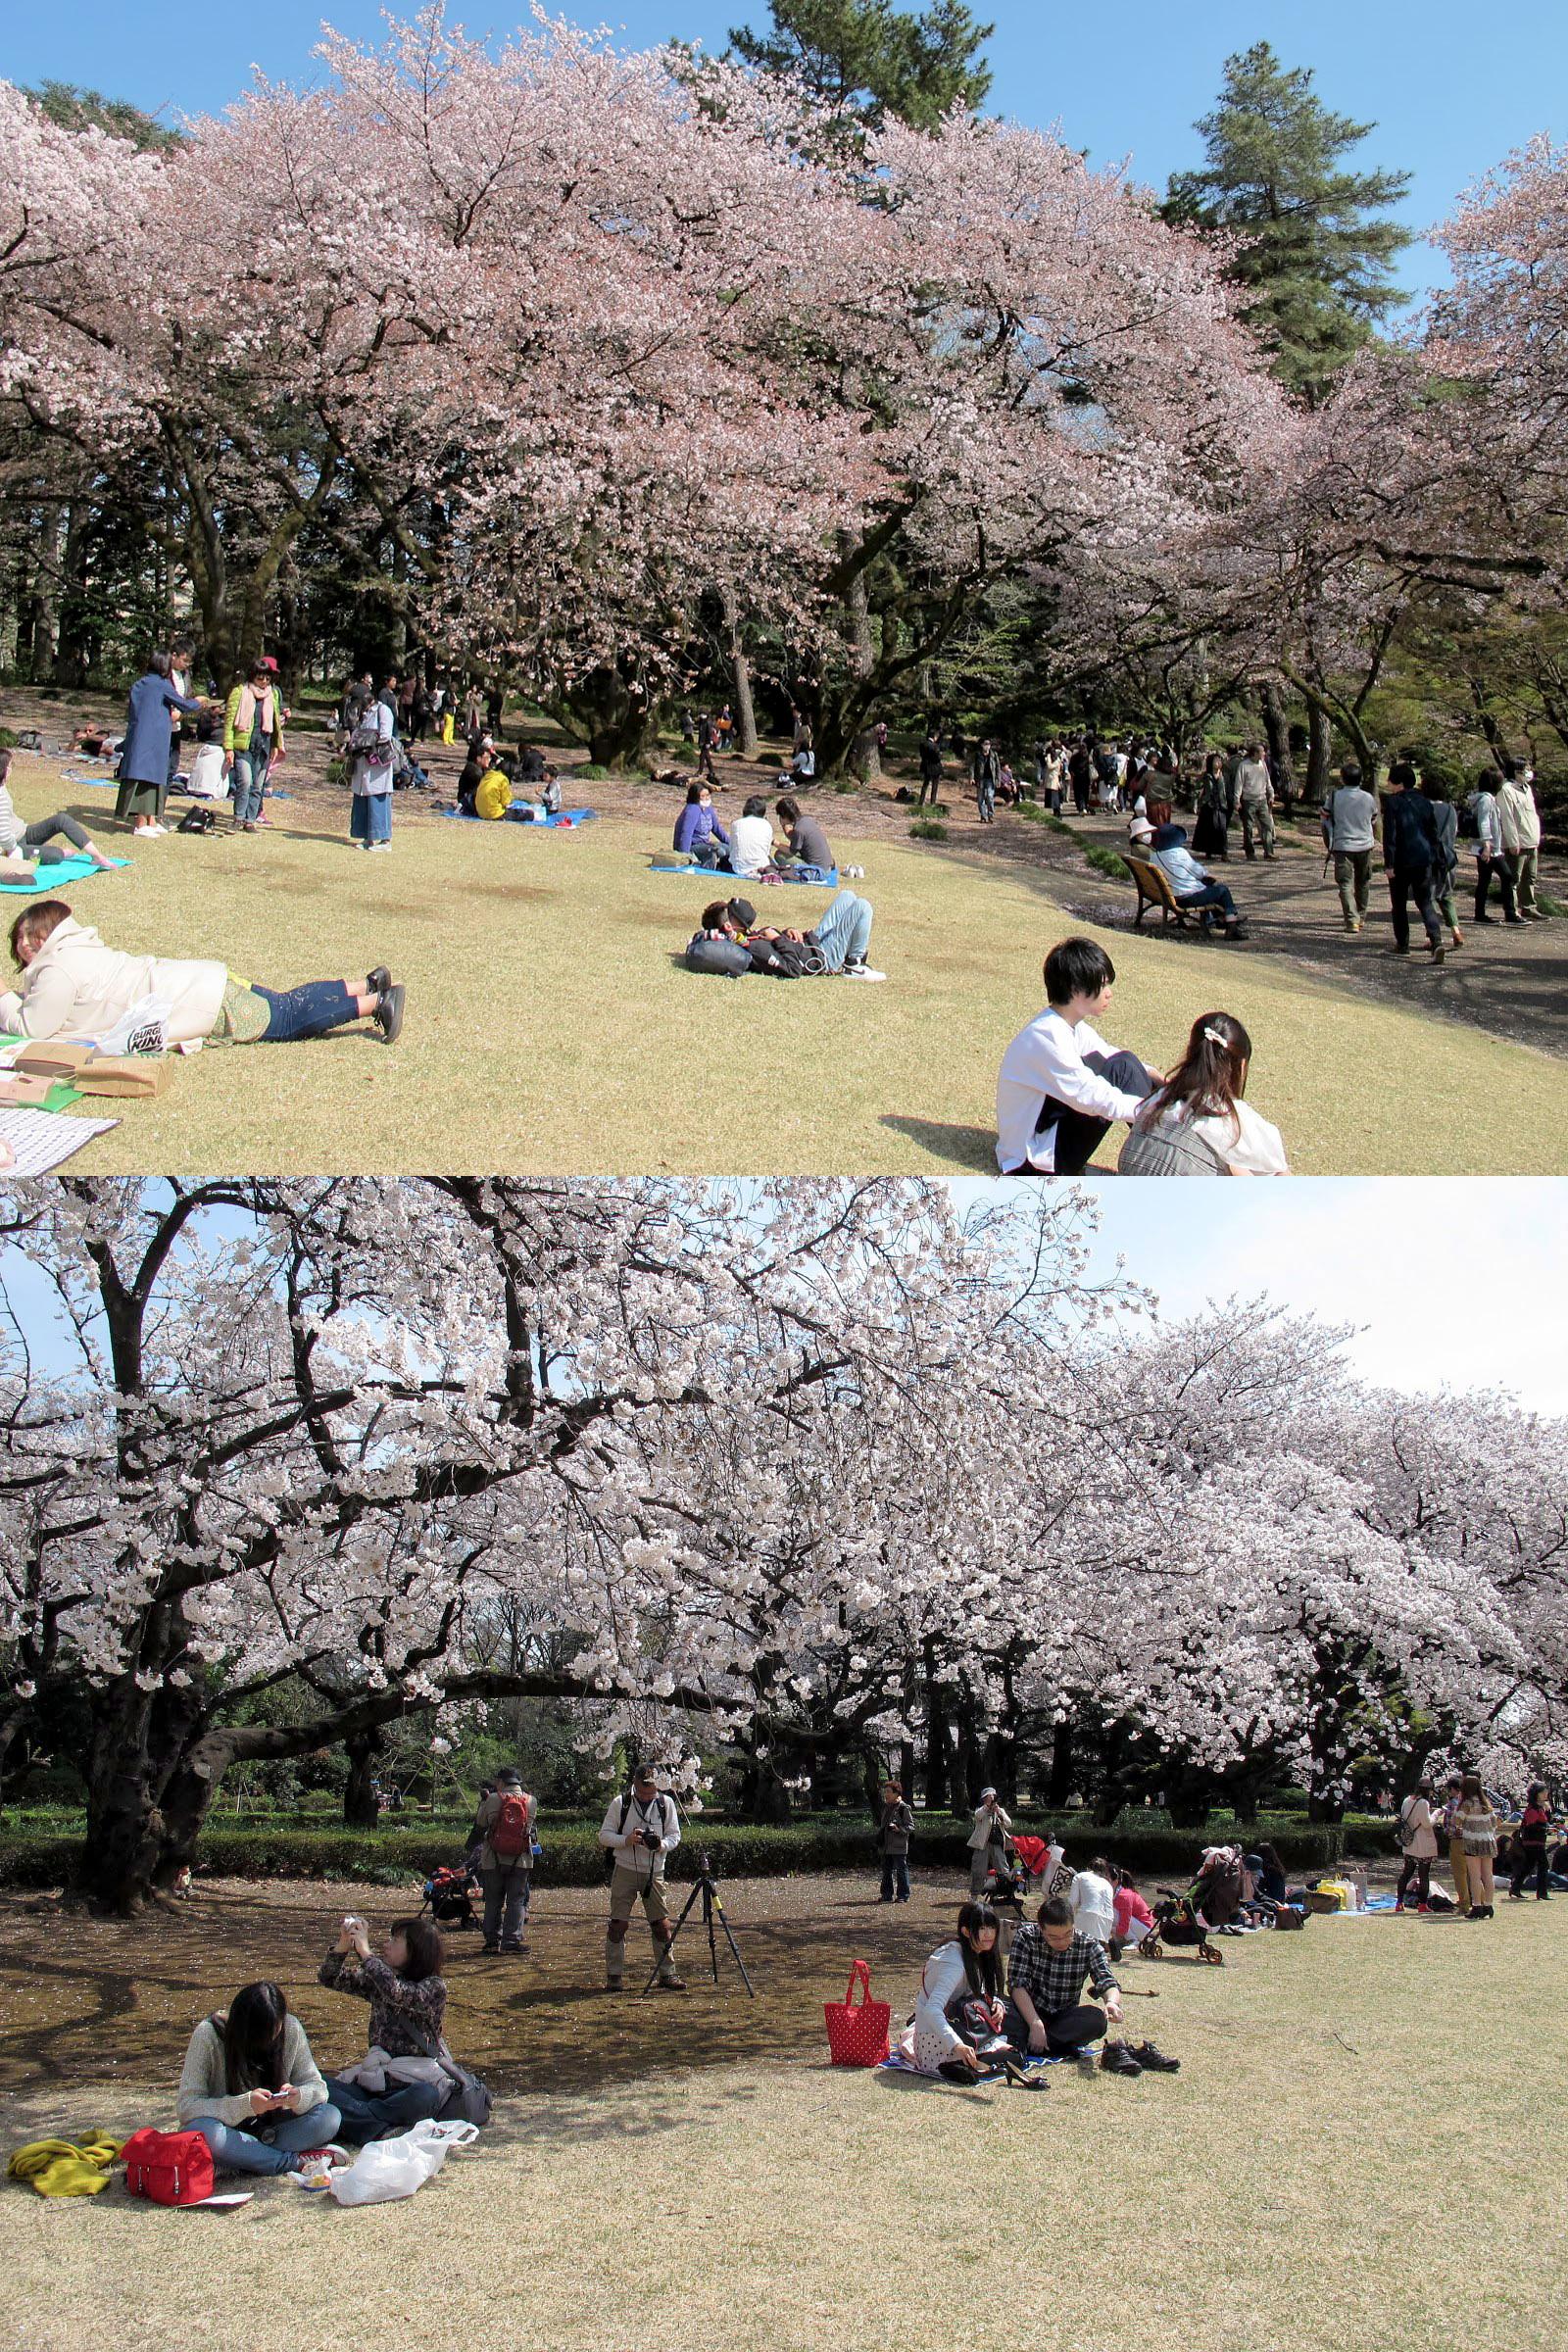 櫻花樹下休息